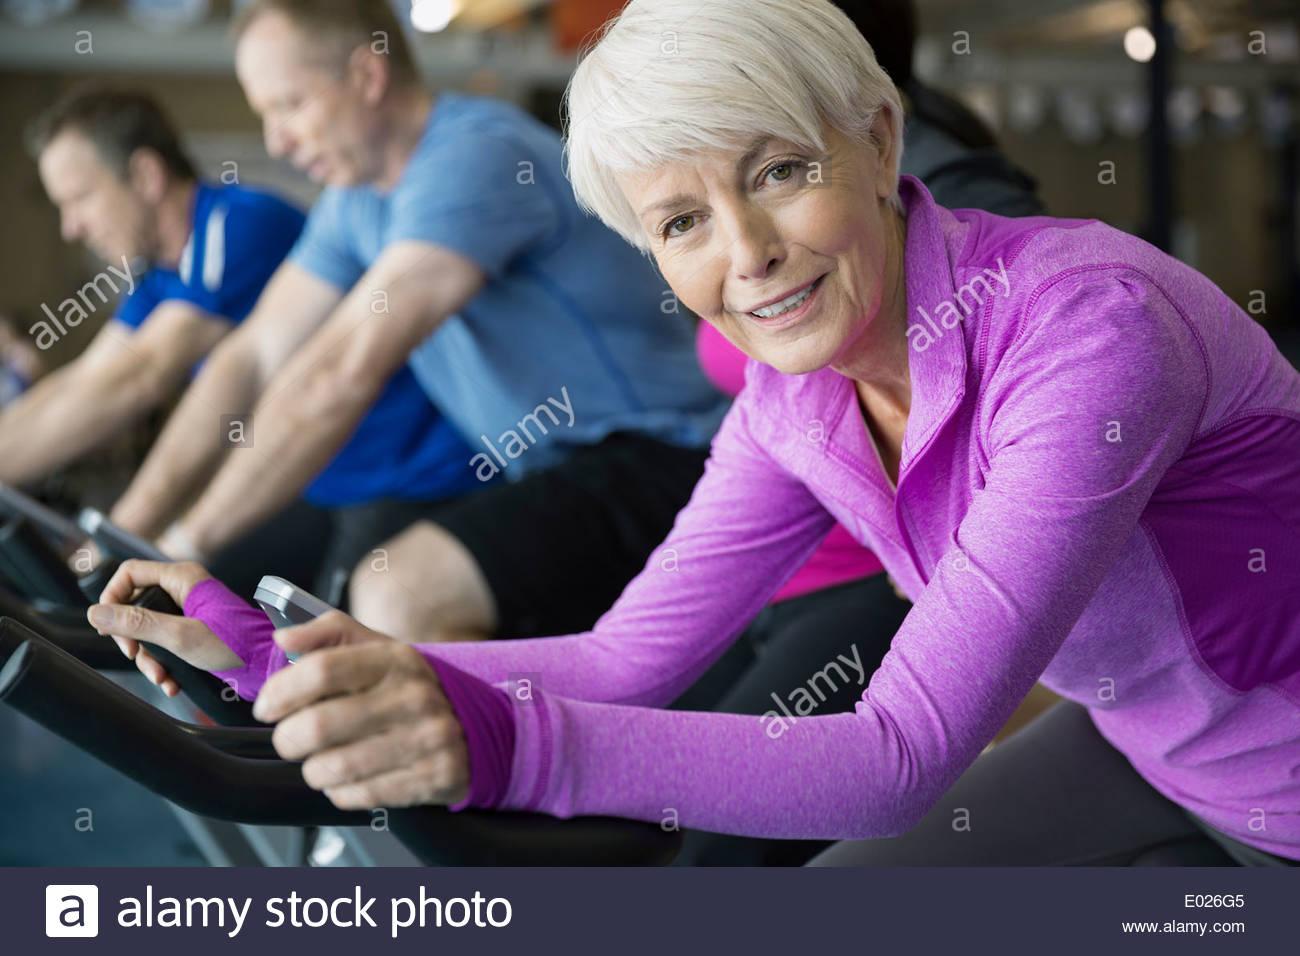 Porträt der lächelnde Frau am Heimtrainer Stockbild